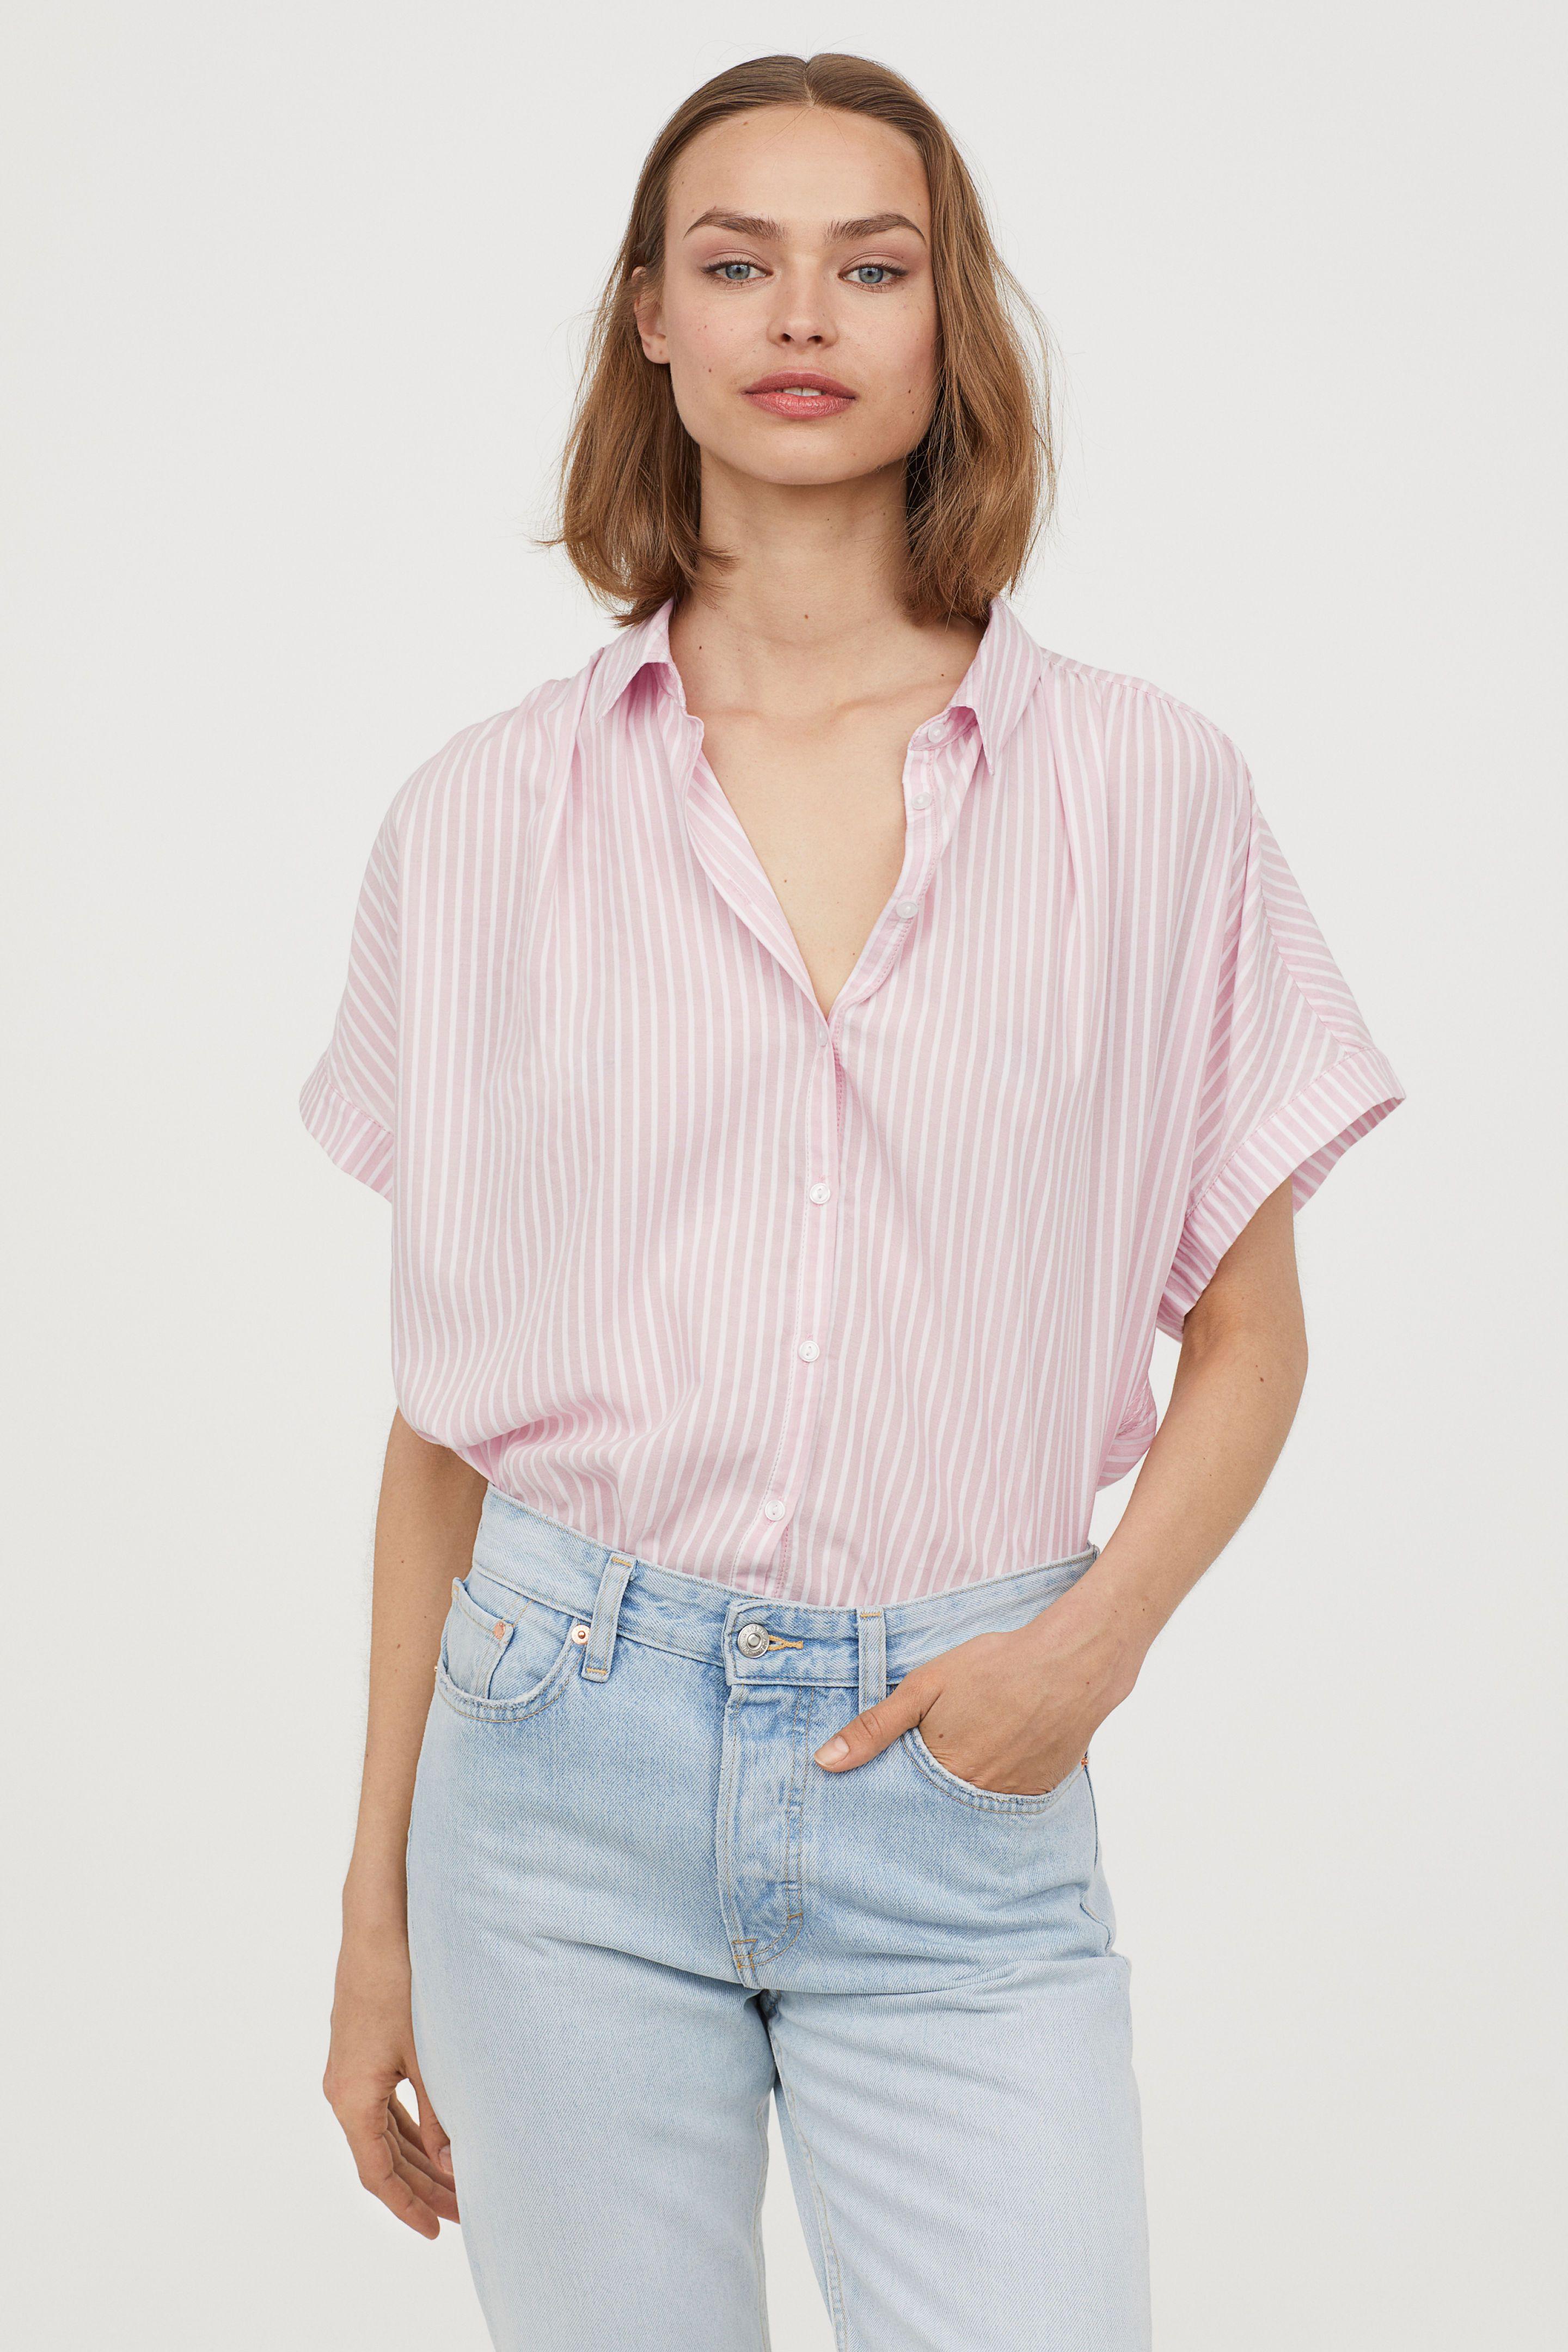 bad284fe69d7 Blusa holgada en 2019 | CAMISAS | Blusas, Blusas holgadas y Blusa rosa